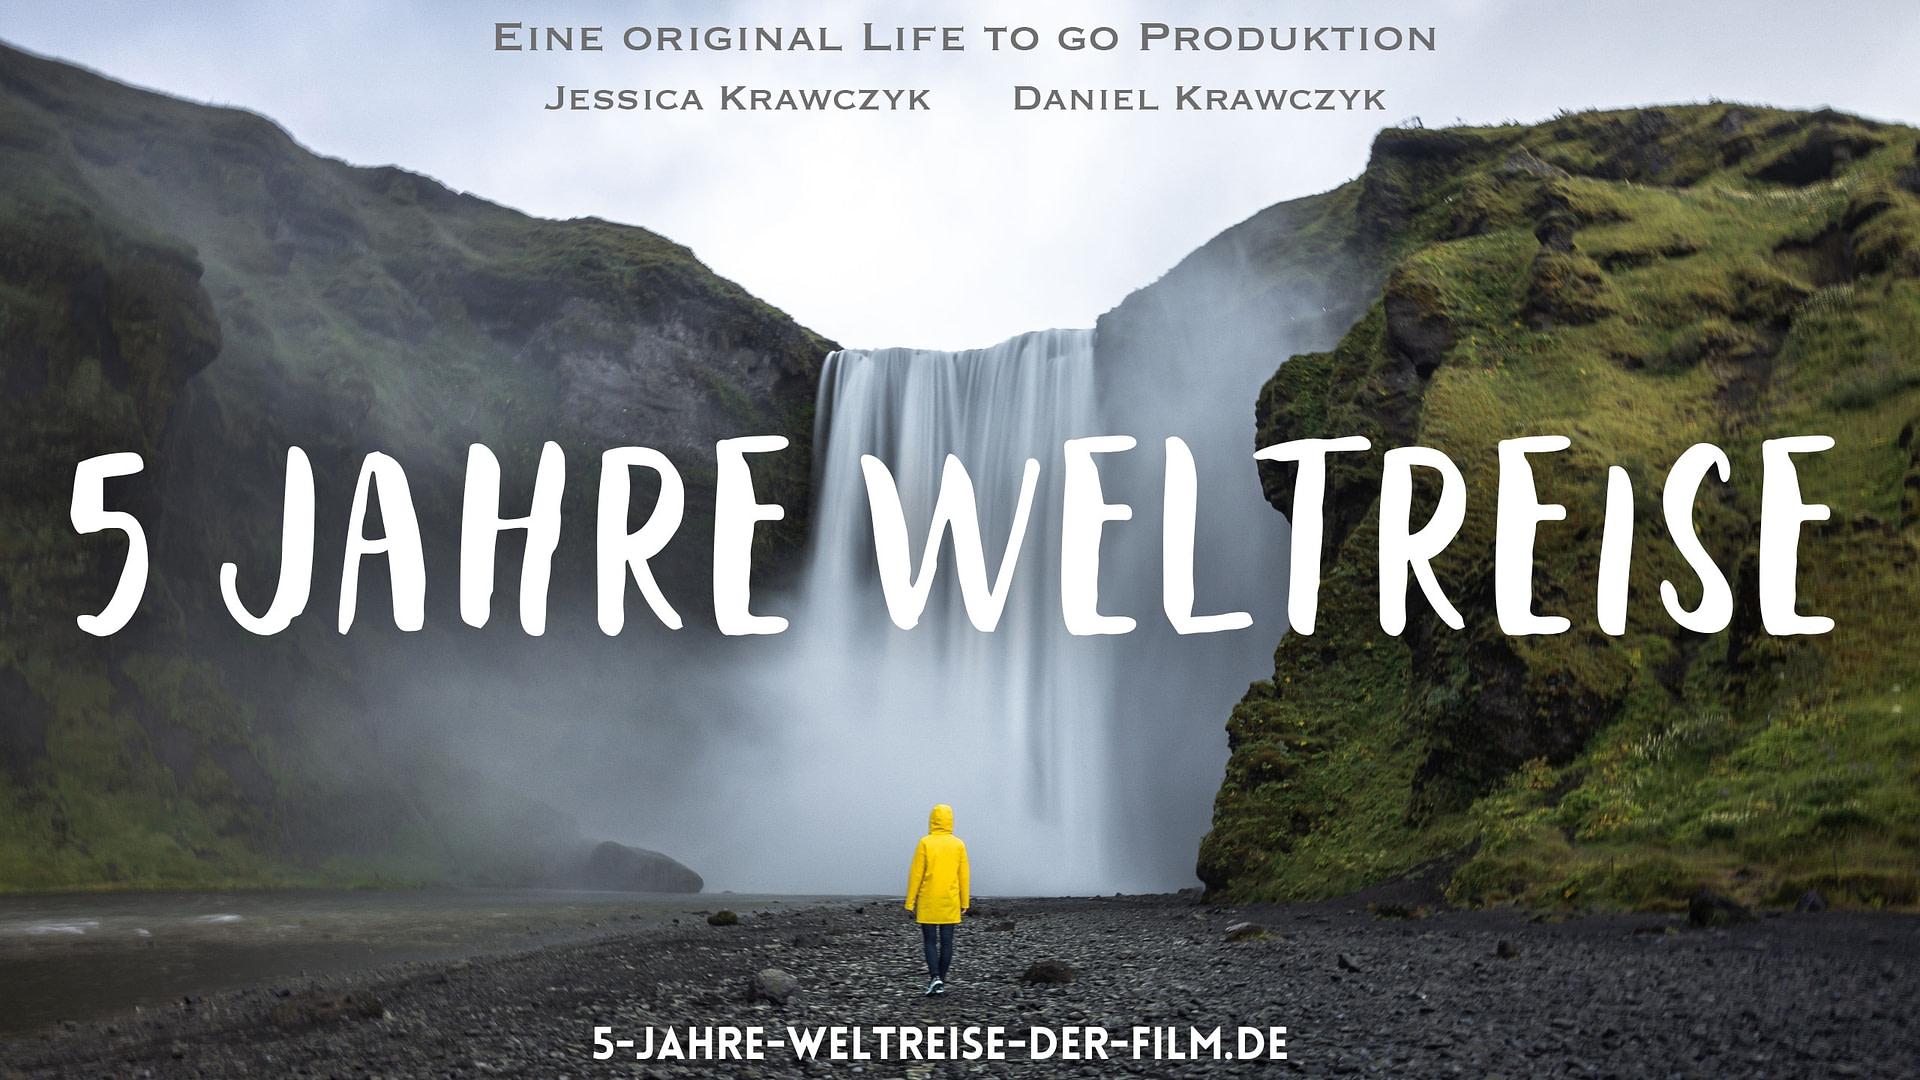 5-Jahre-Weltreise-Film